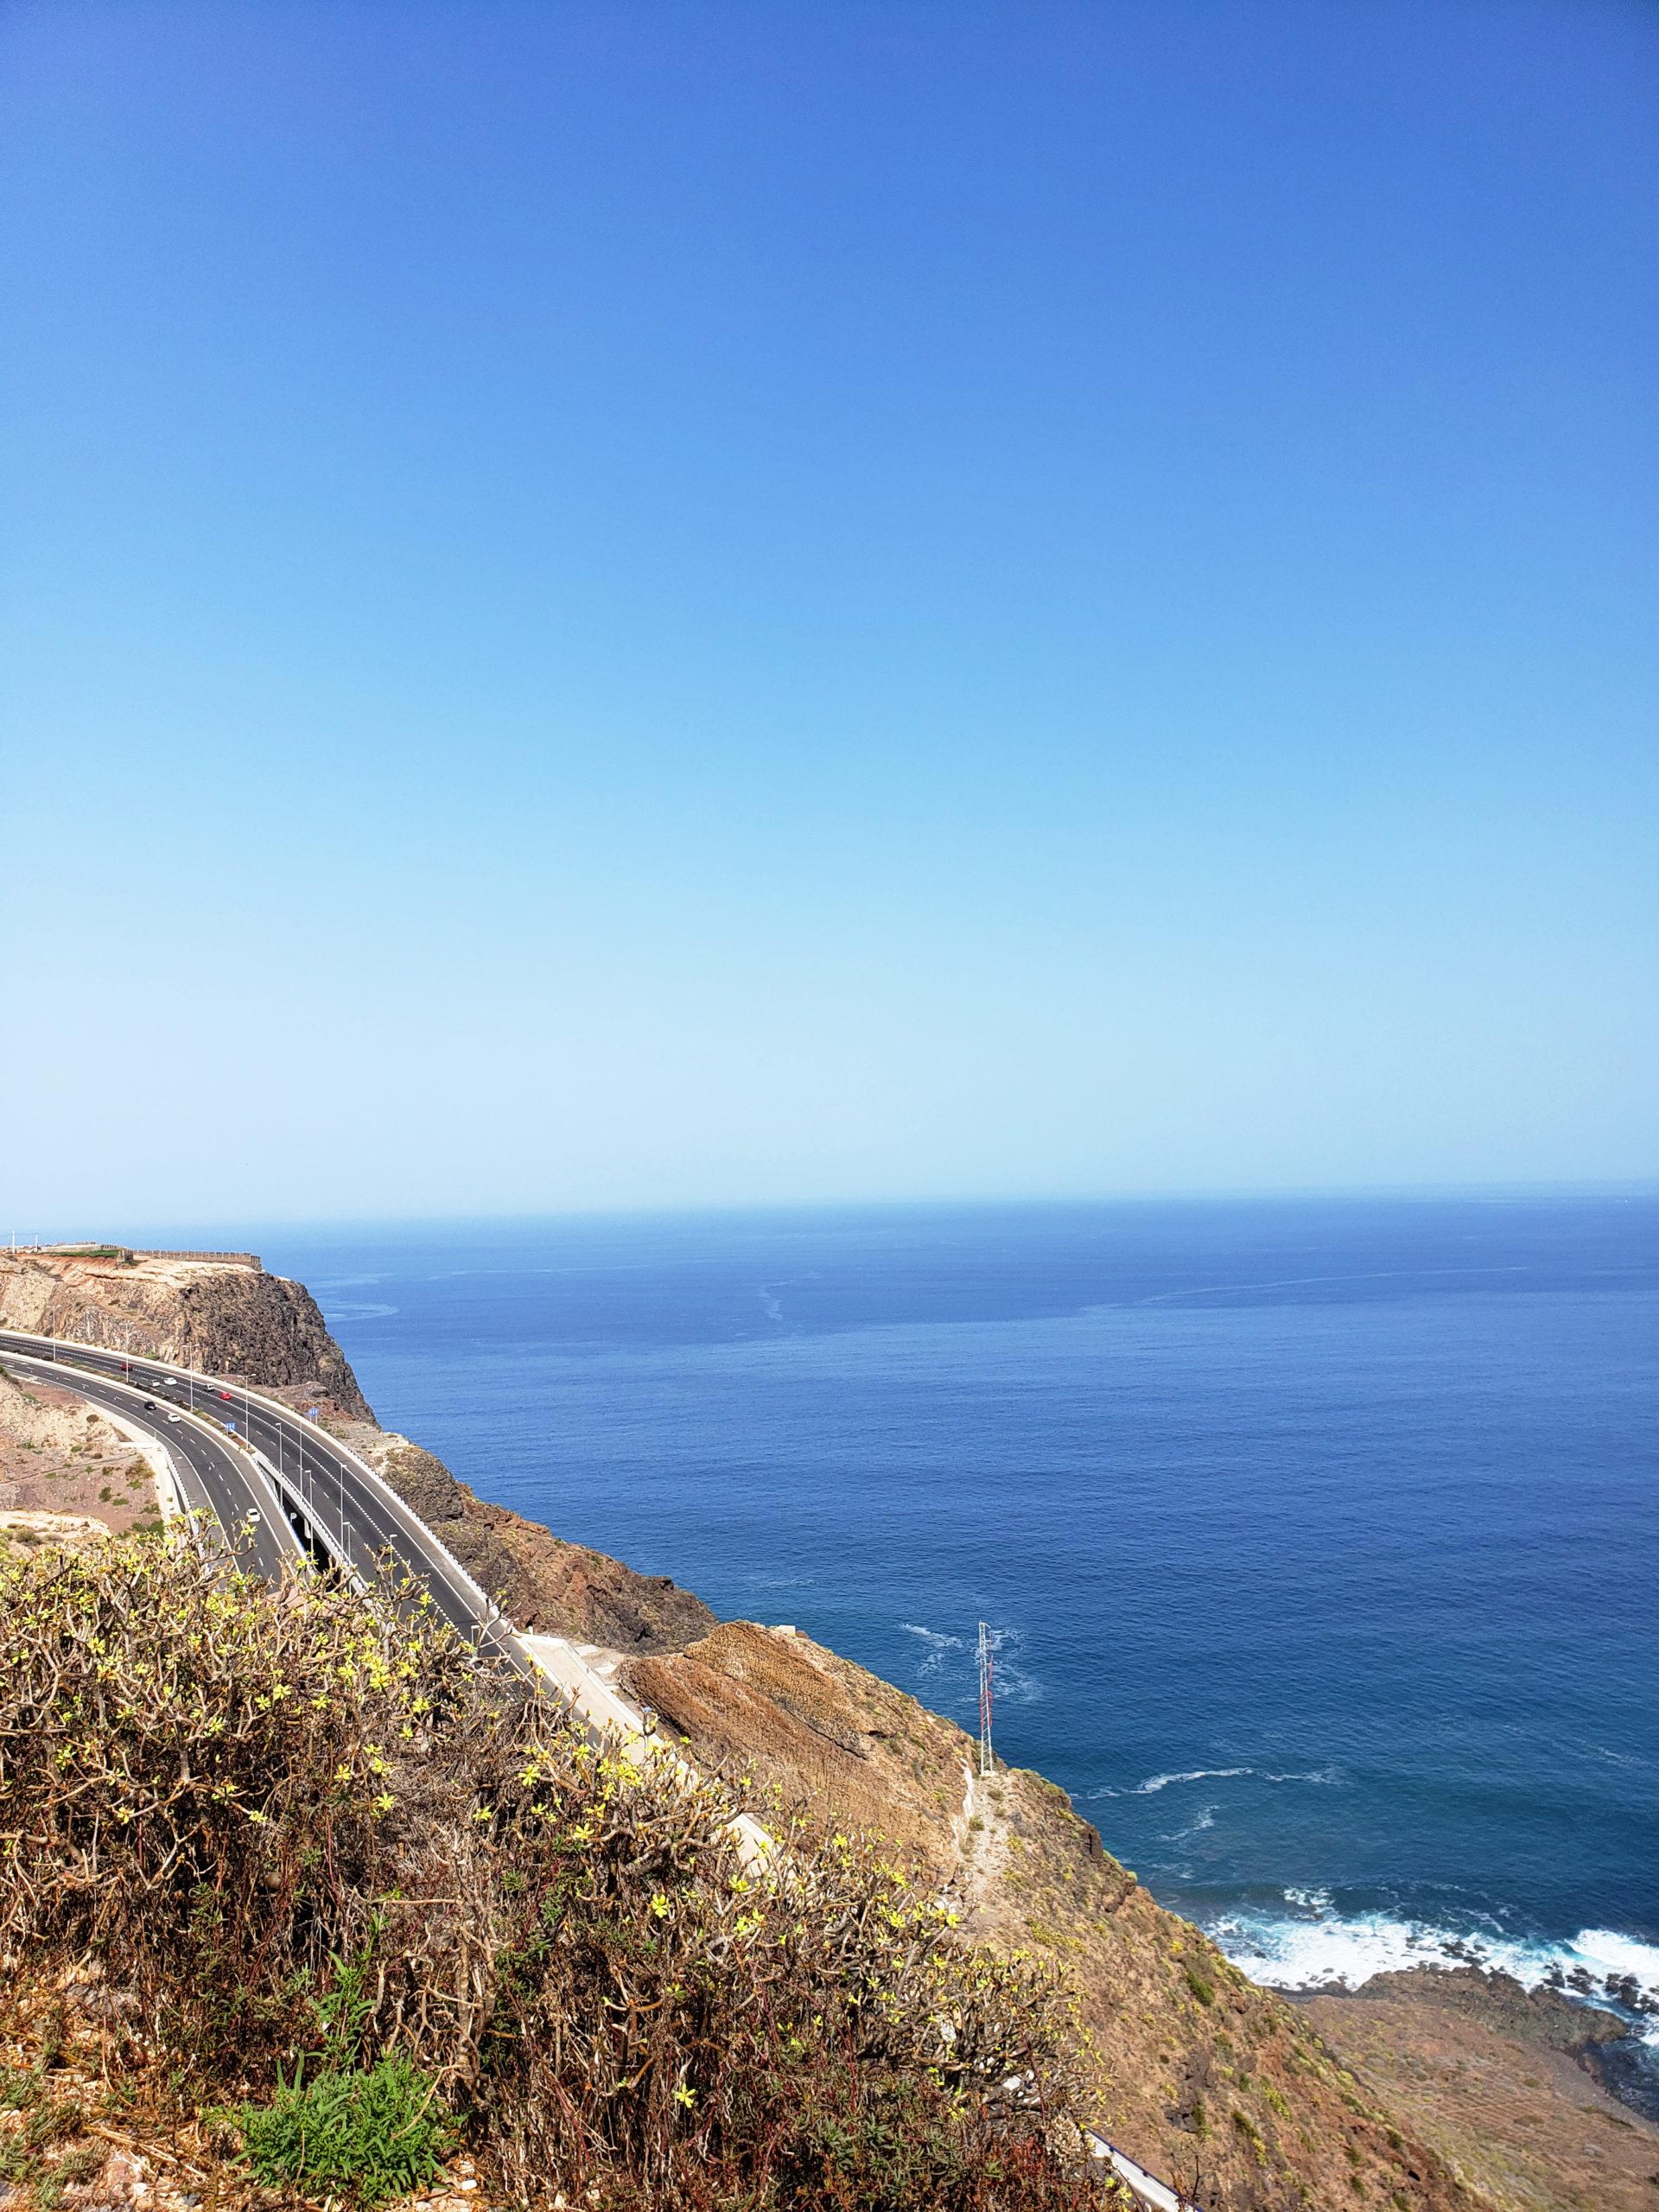 Gran_Canaria_Canary_Islands_Motorcycle_Destination